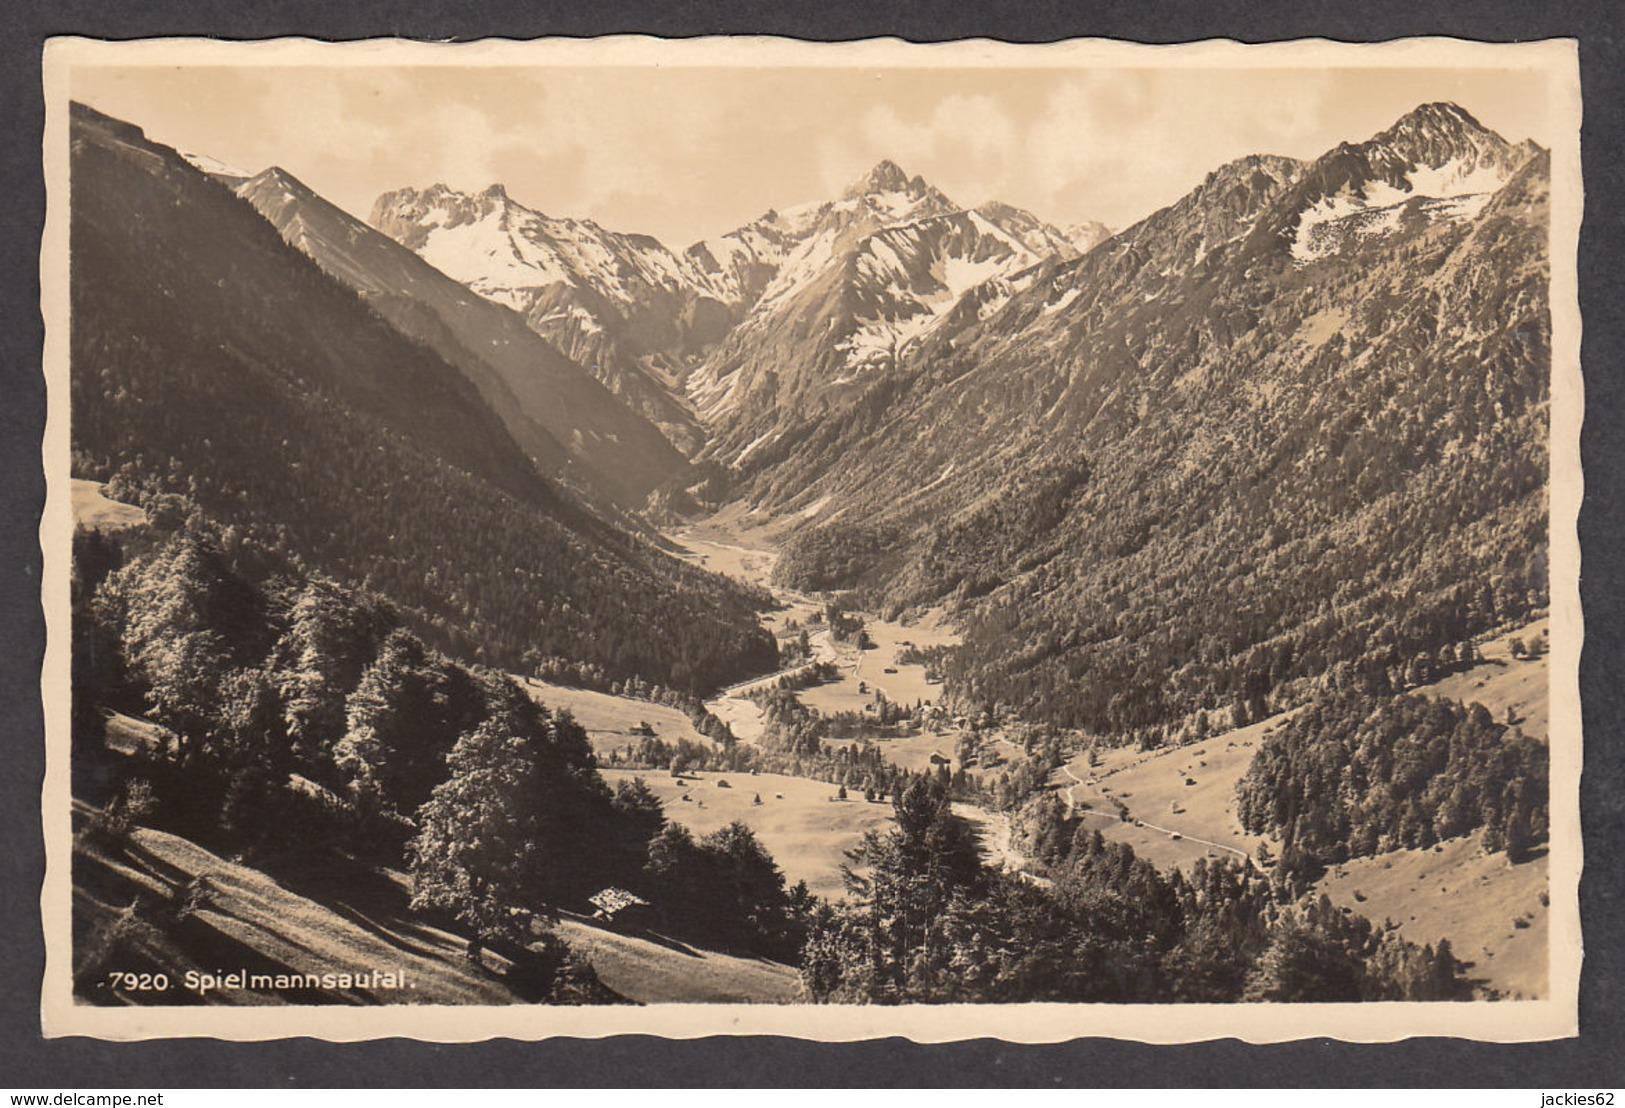 86928/ OBERSTDORF, Spielmannsautal - Oberstdorf